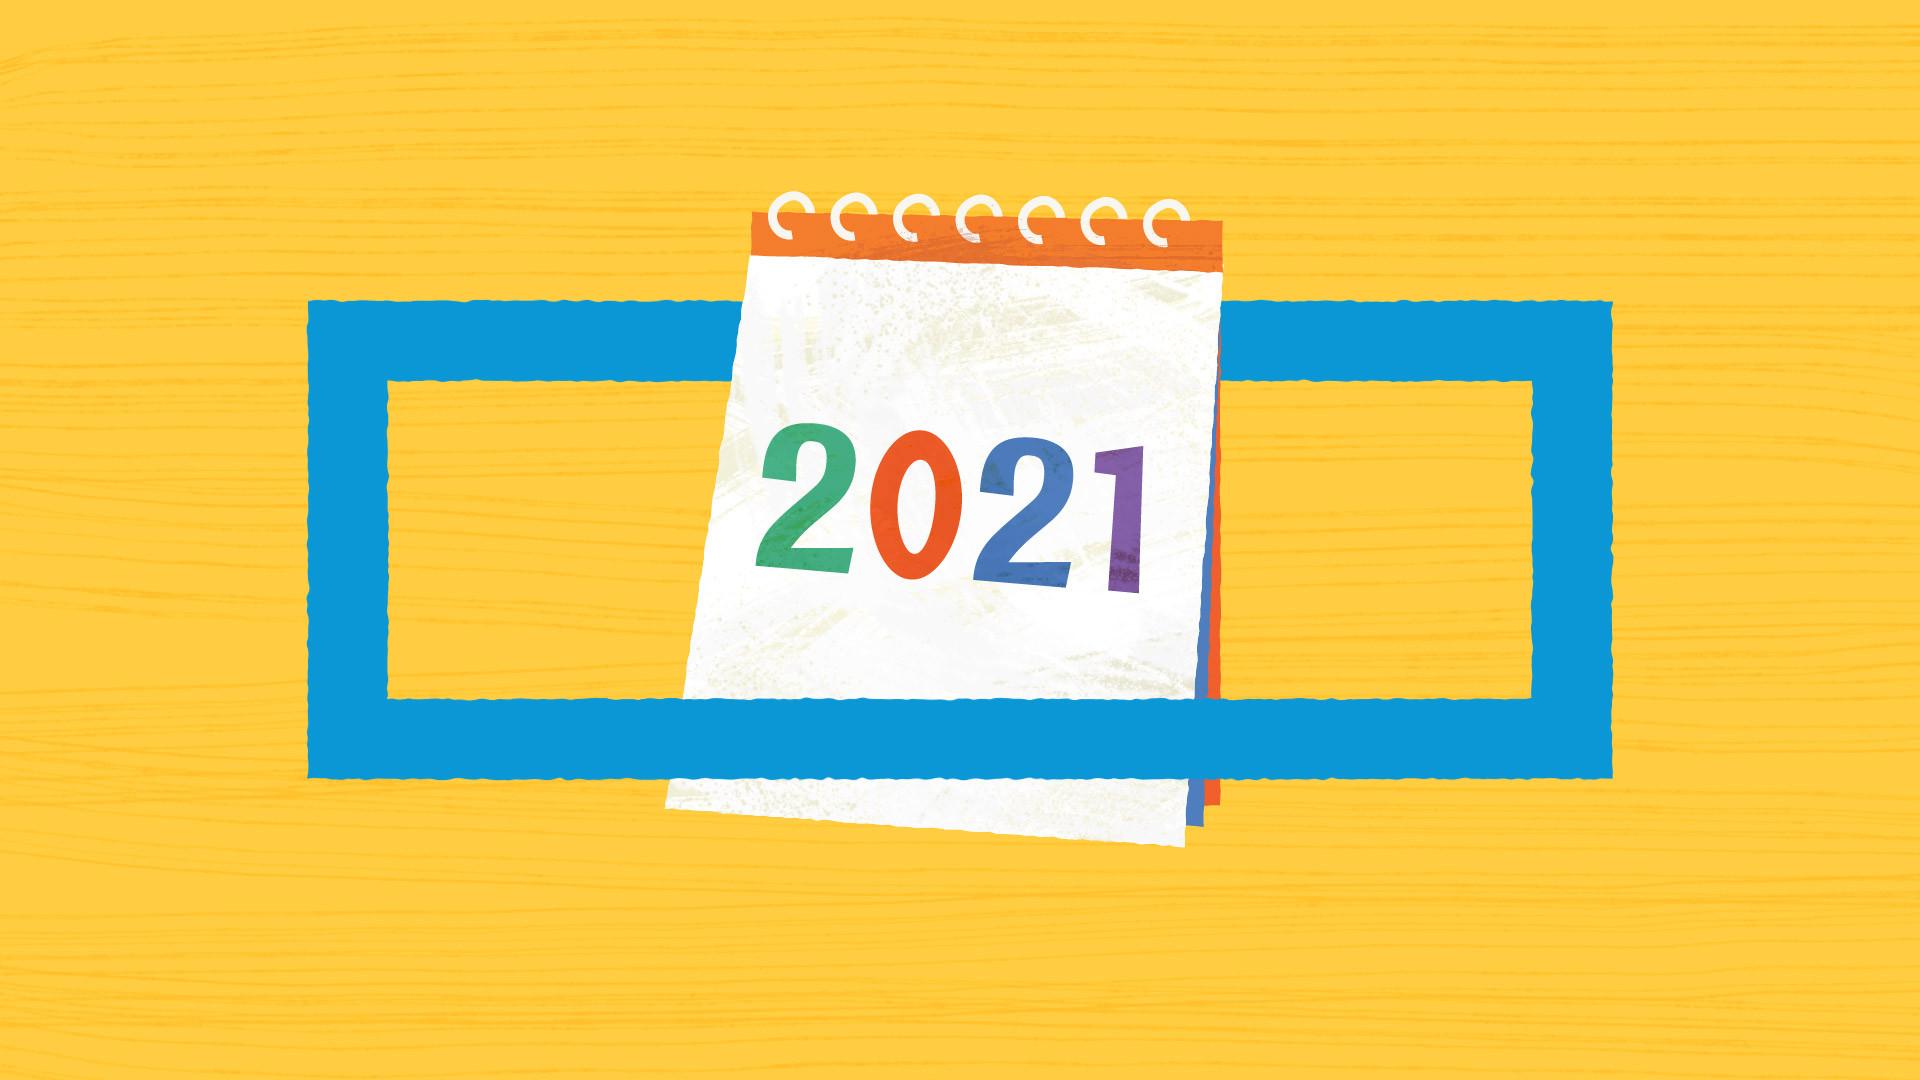 2021_설_ID_2.jpg